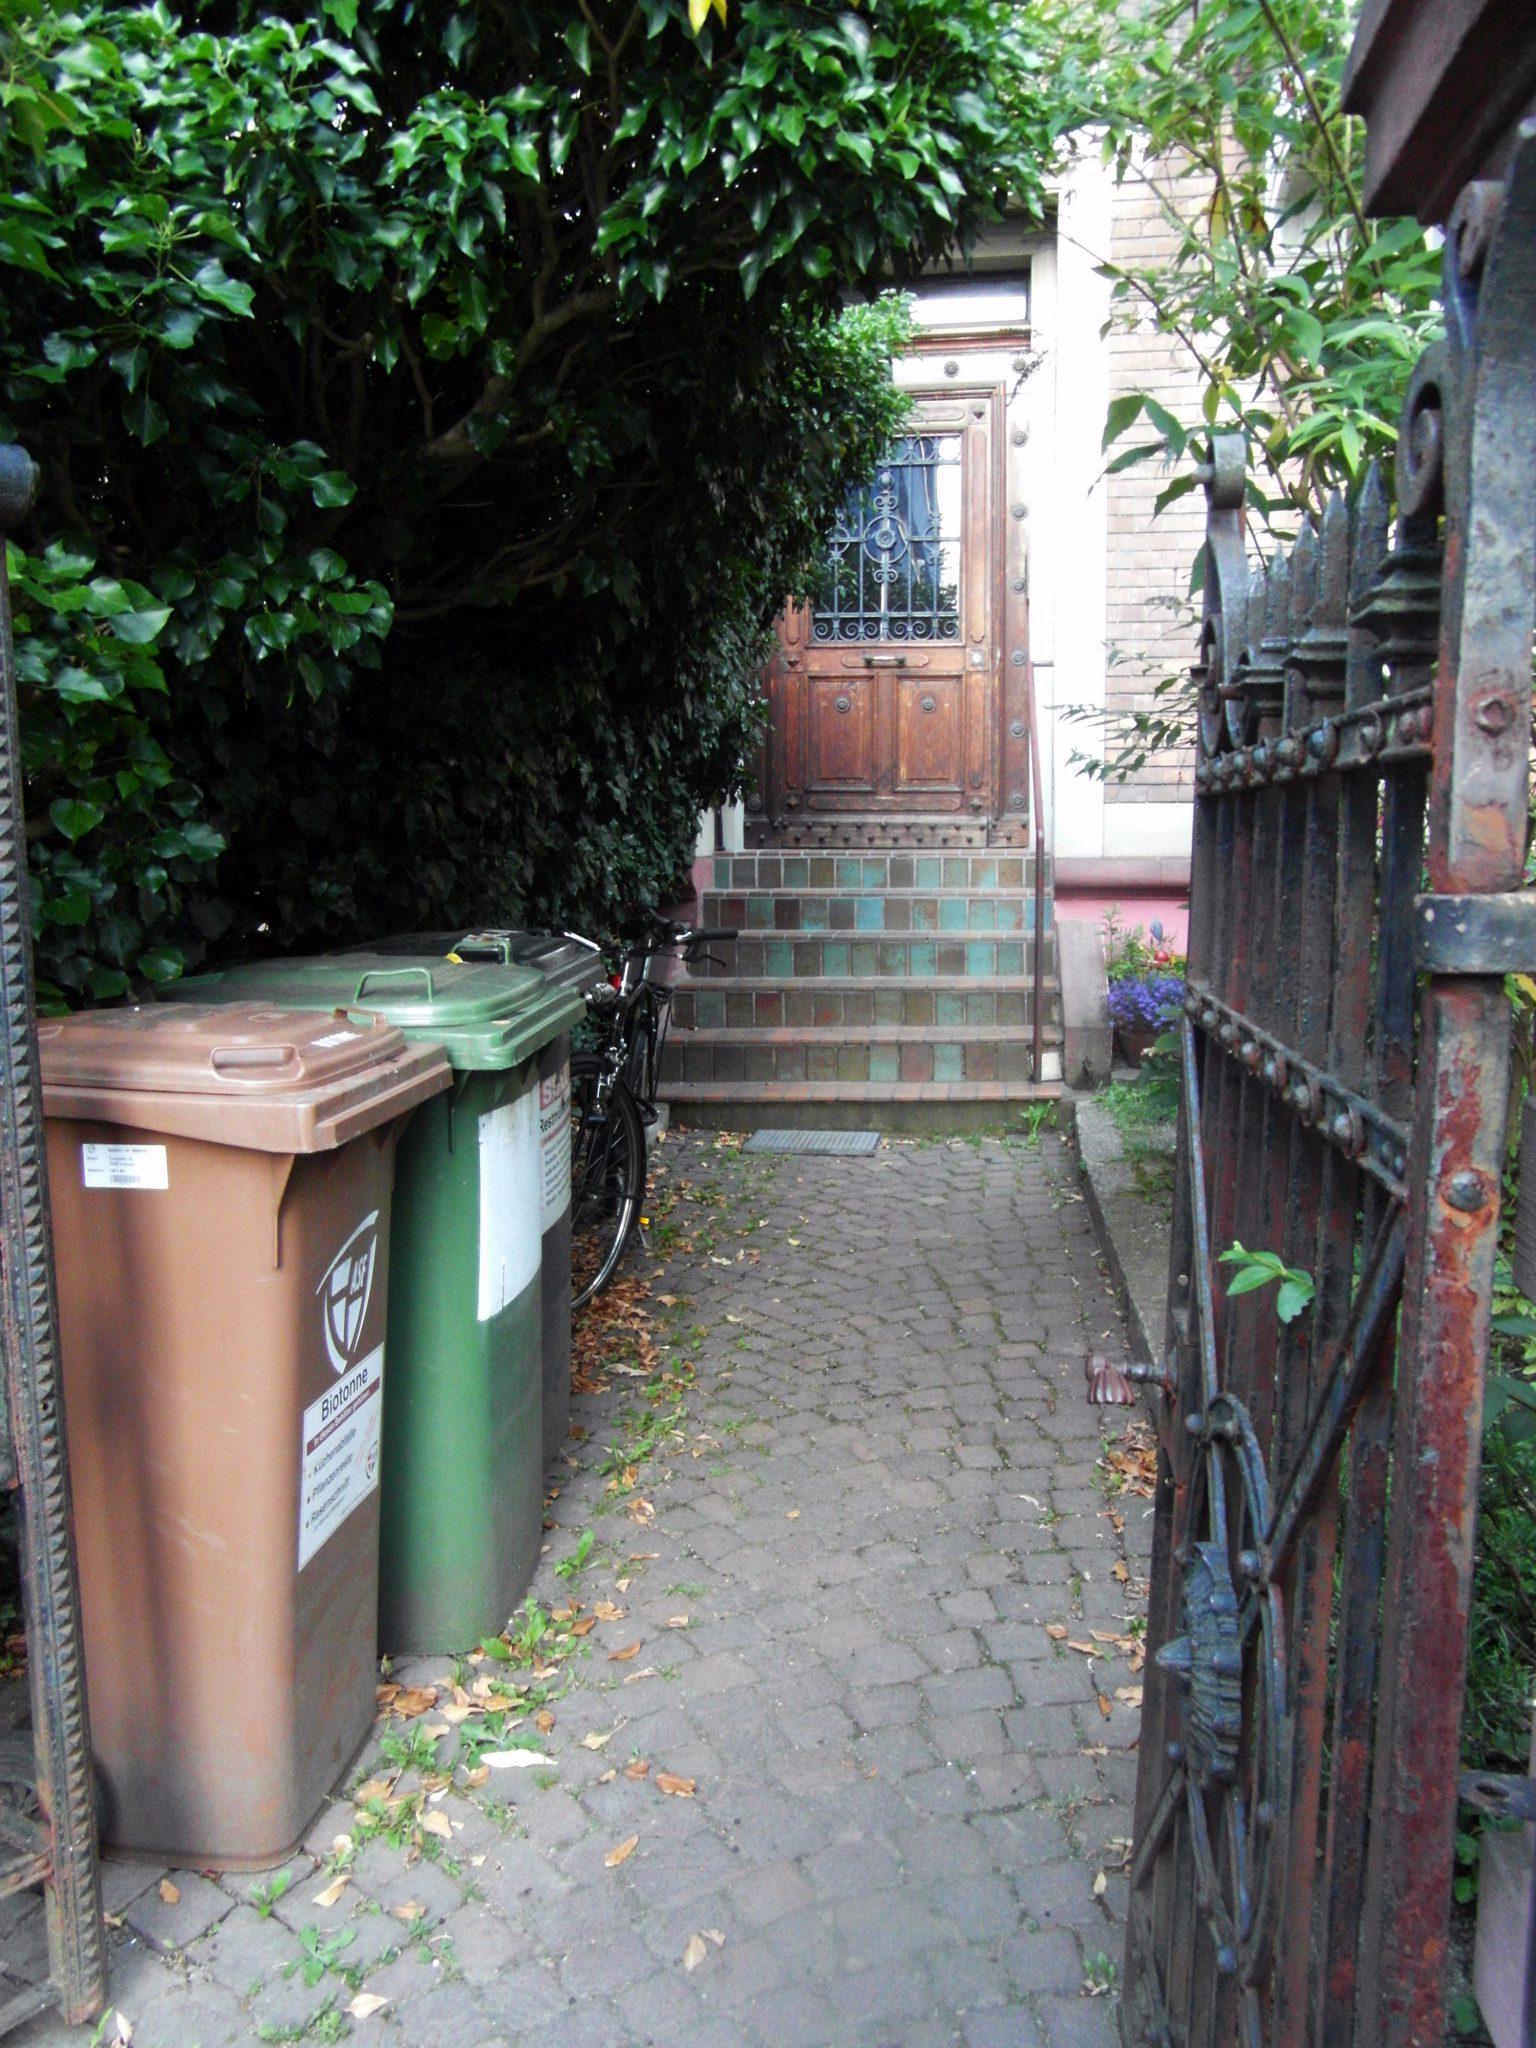 Varios cubos de basura debajo de cada portal, algo común en Alemania.